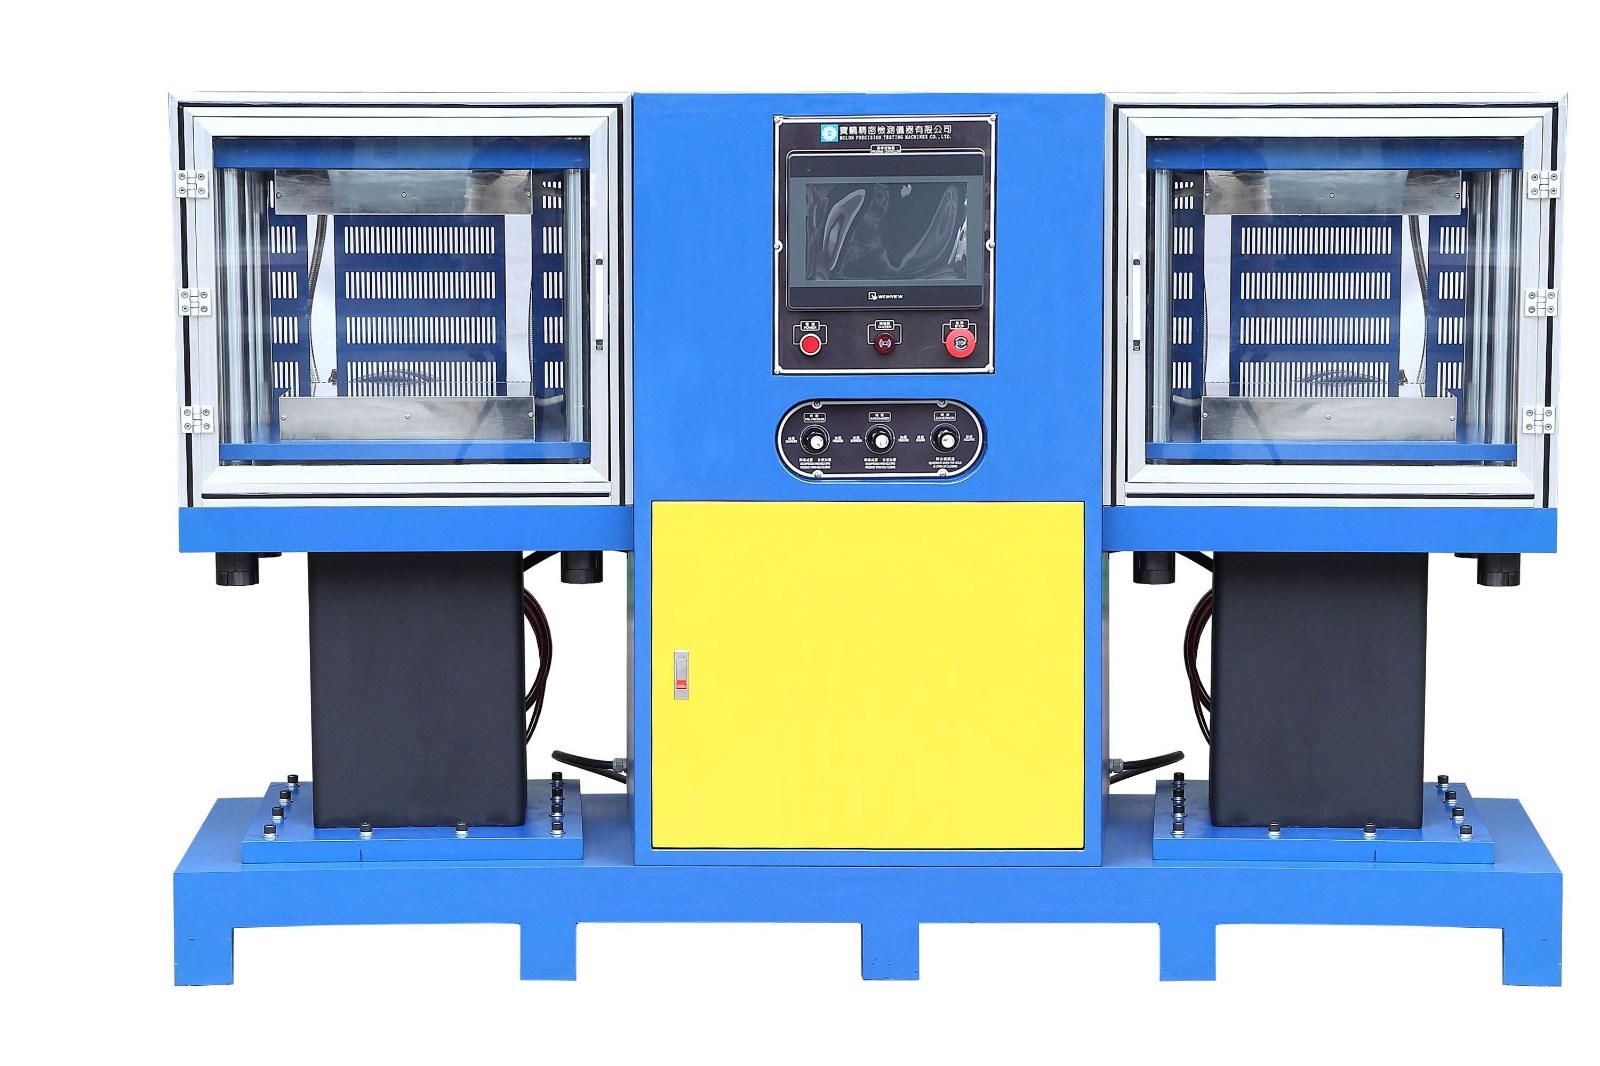 硫化机厂家-双联硫化机价格-东莞市宝轮精密检测仪器有限公司